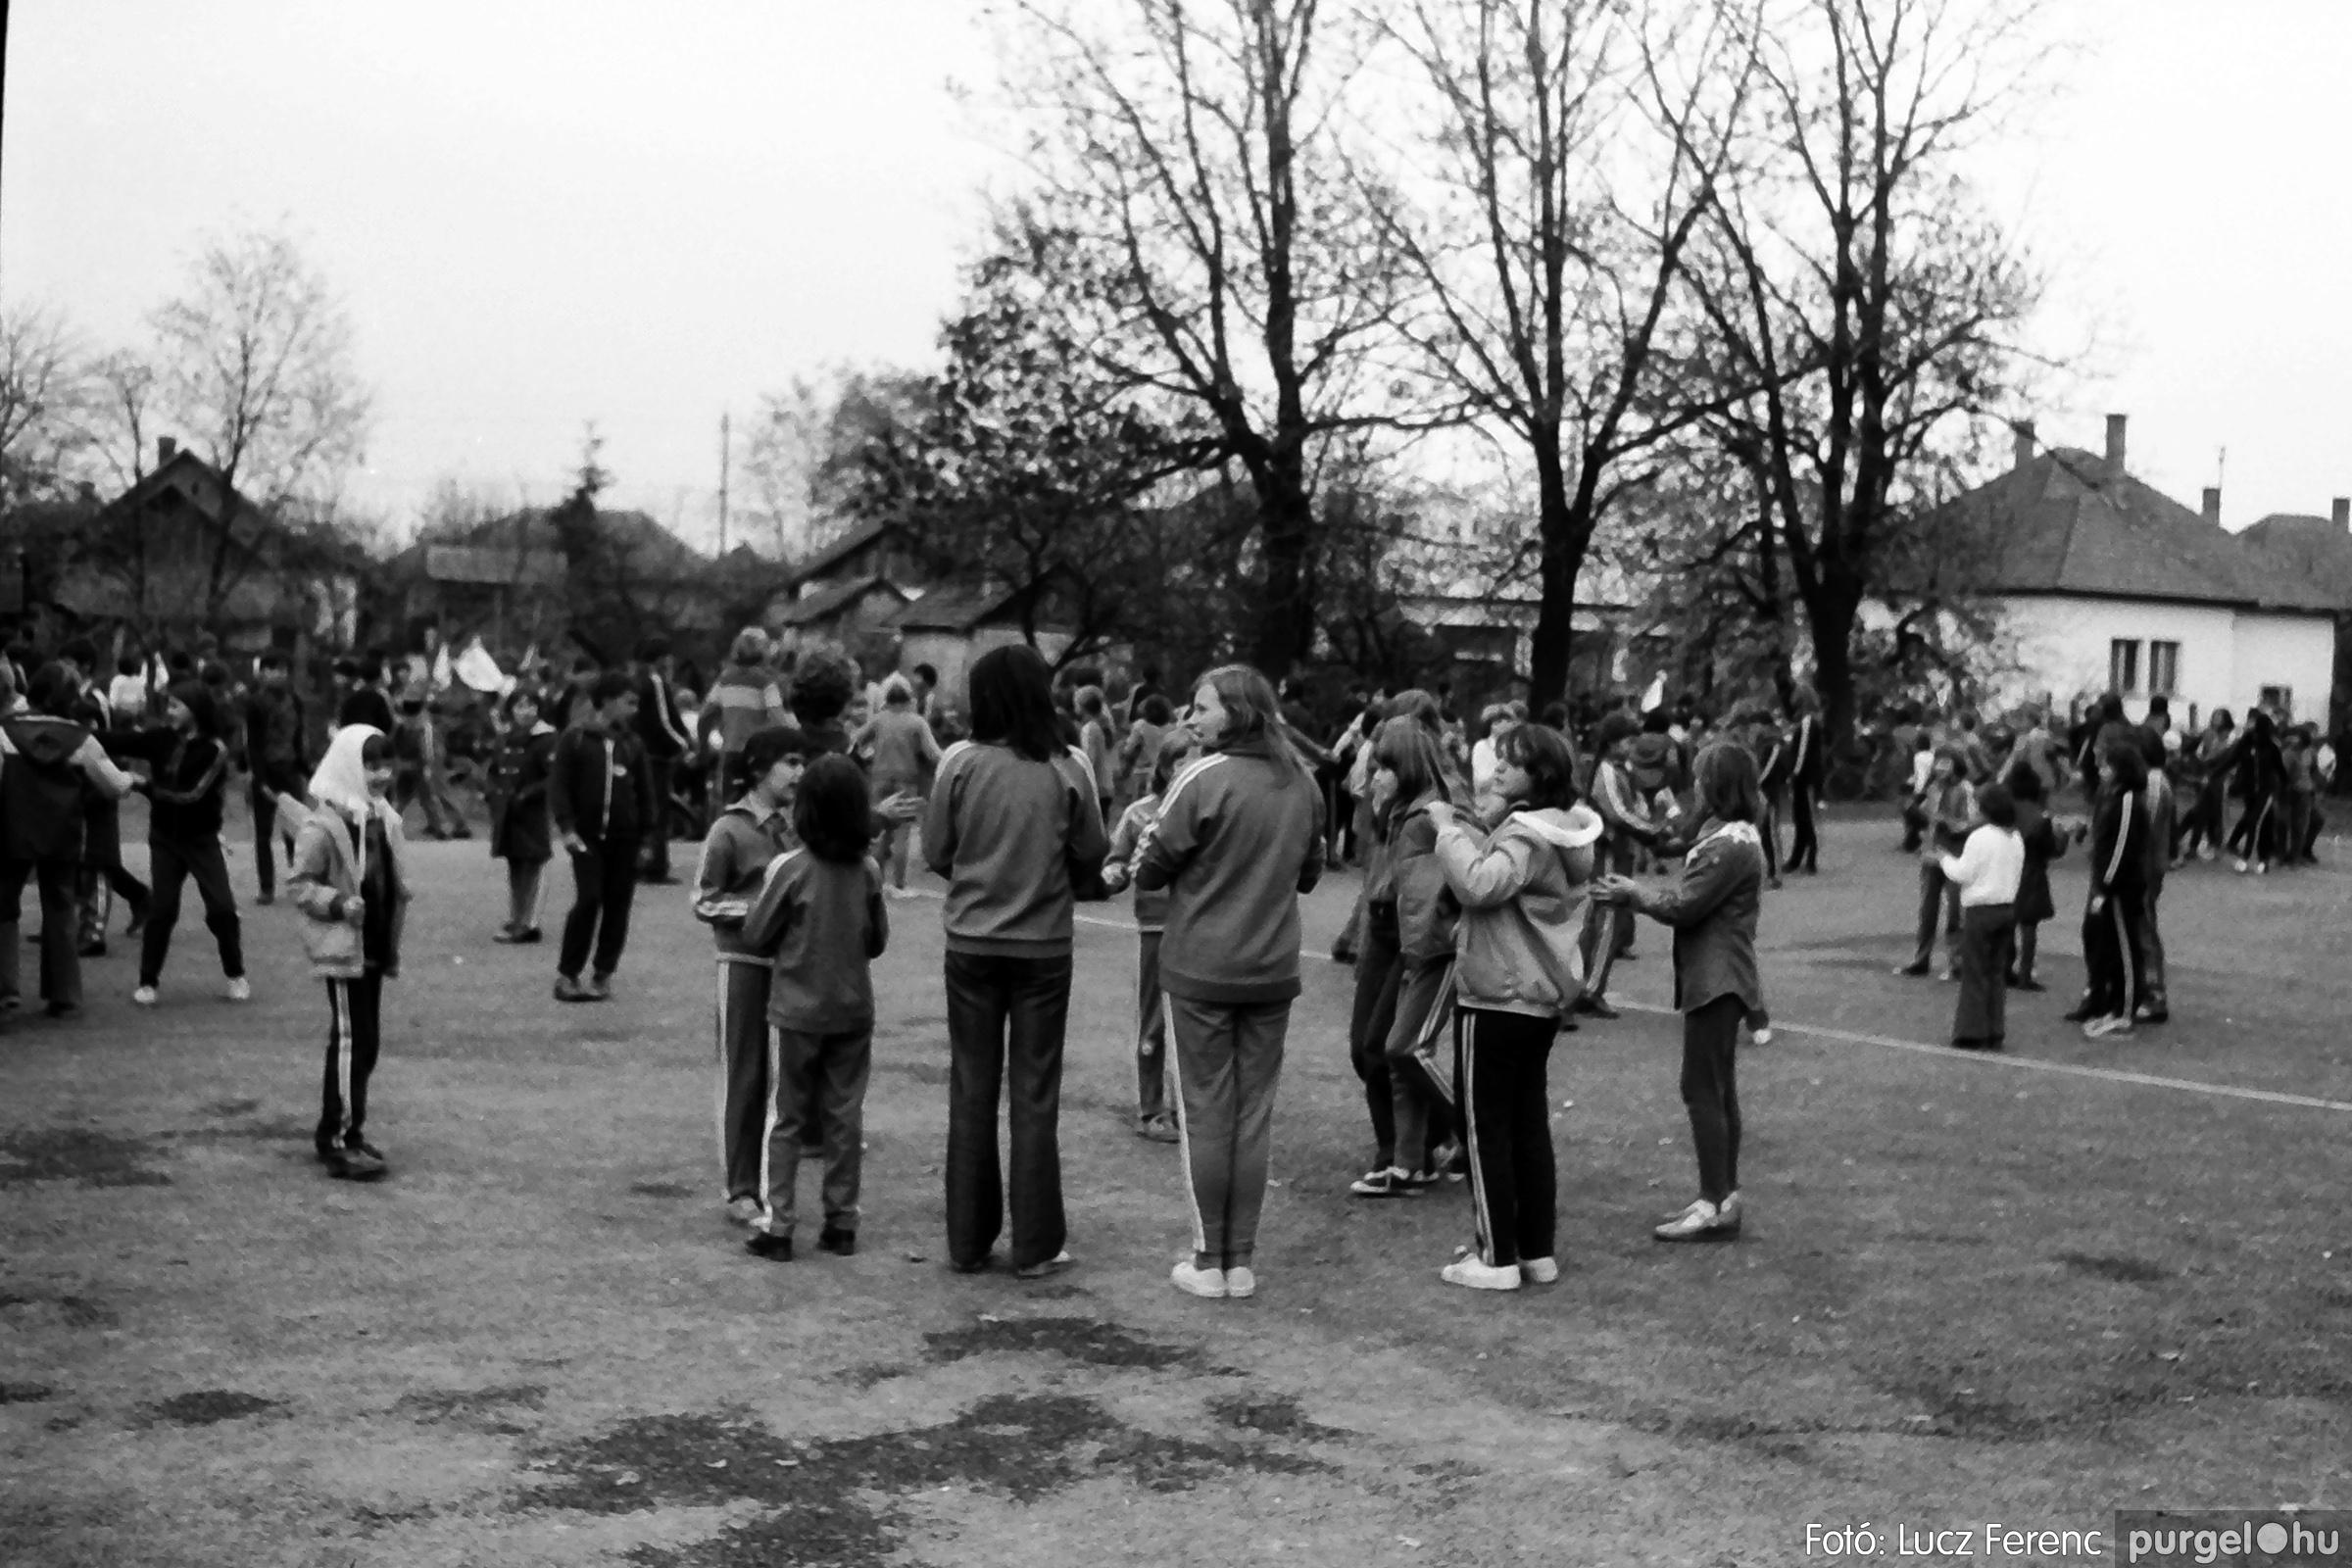 092. 1977. Úttörő rendezvény a Központi Általános Iskolában 020. - Fotó: Lucz Ferenc.jpg